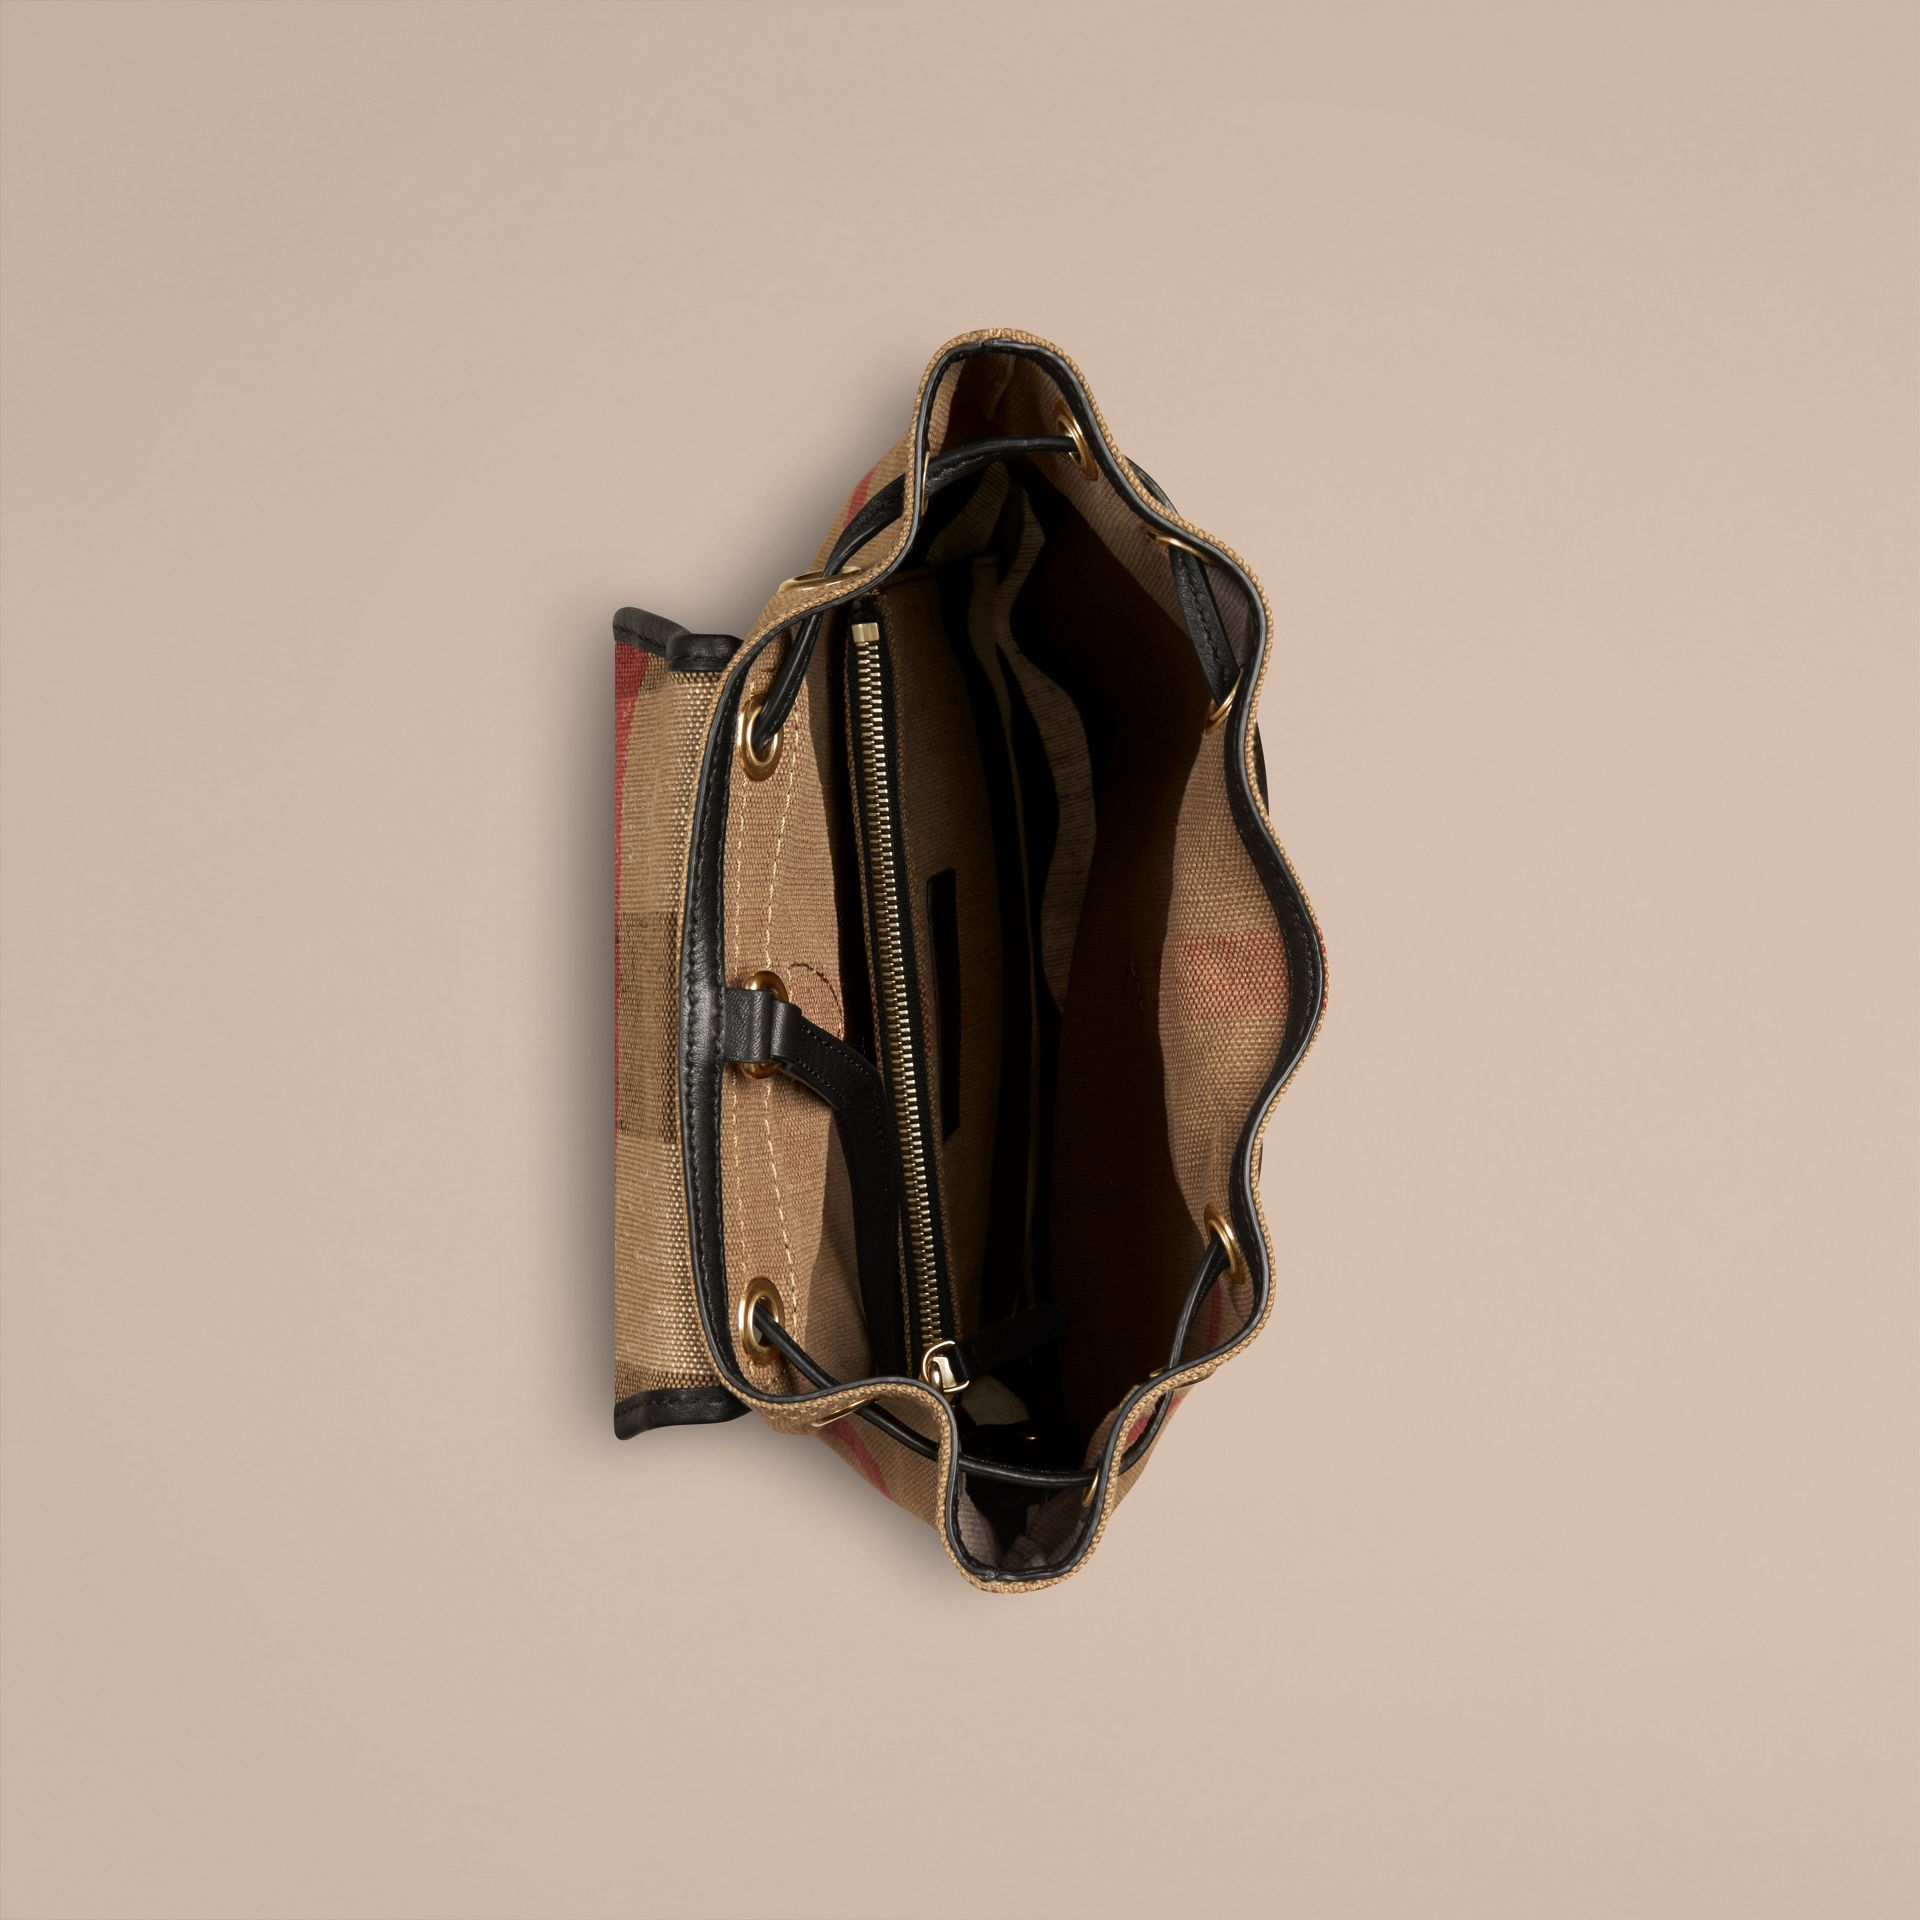 Schwarz Rucksack in Canvas Check mit Lederbesatz Schwarz - Galerie-Bild 3